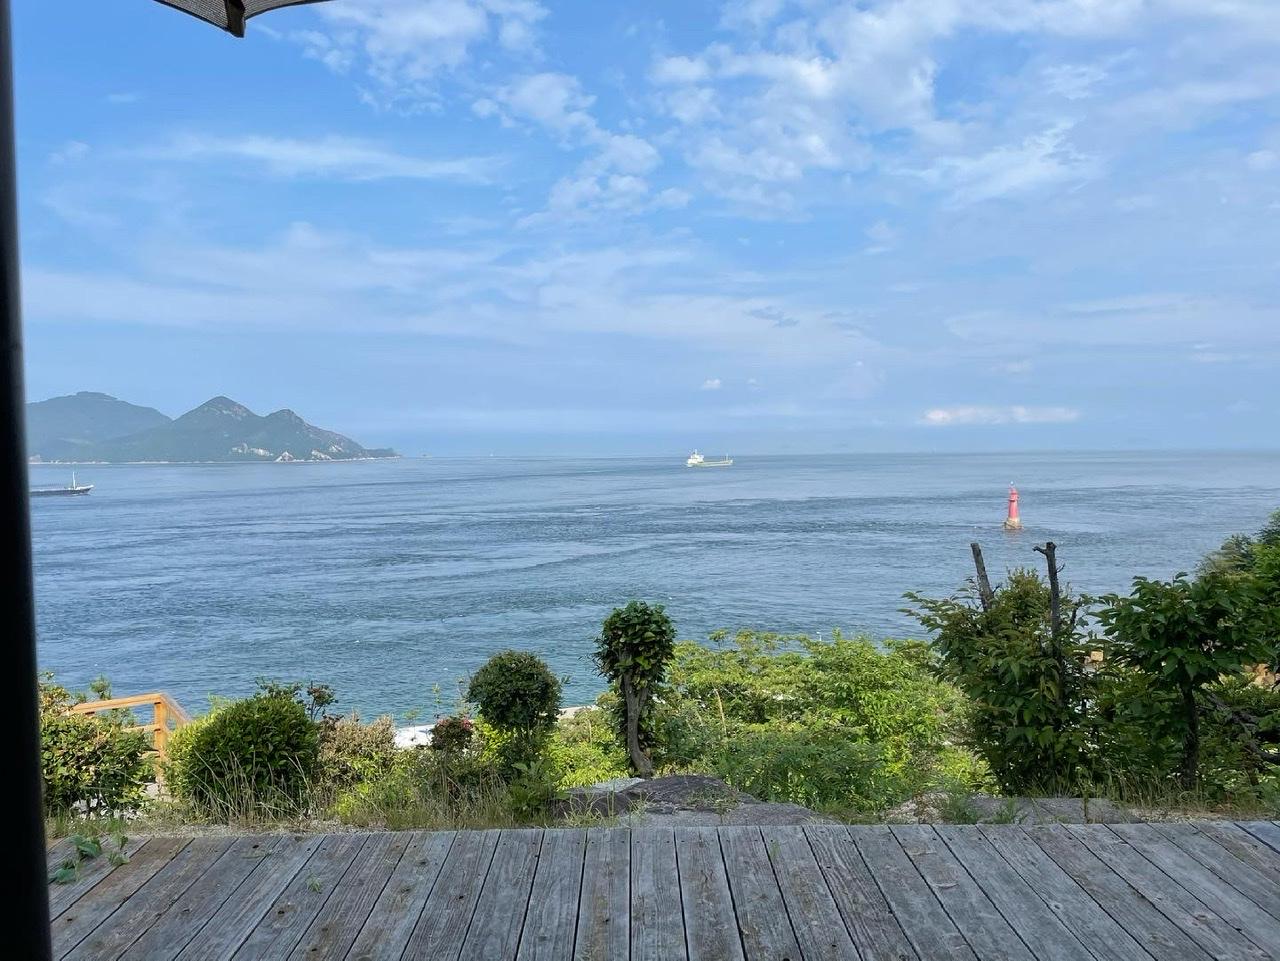 ここは天国…?瀬戸内海を一望できる『海のみえるカフェ』@愛媛_2